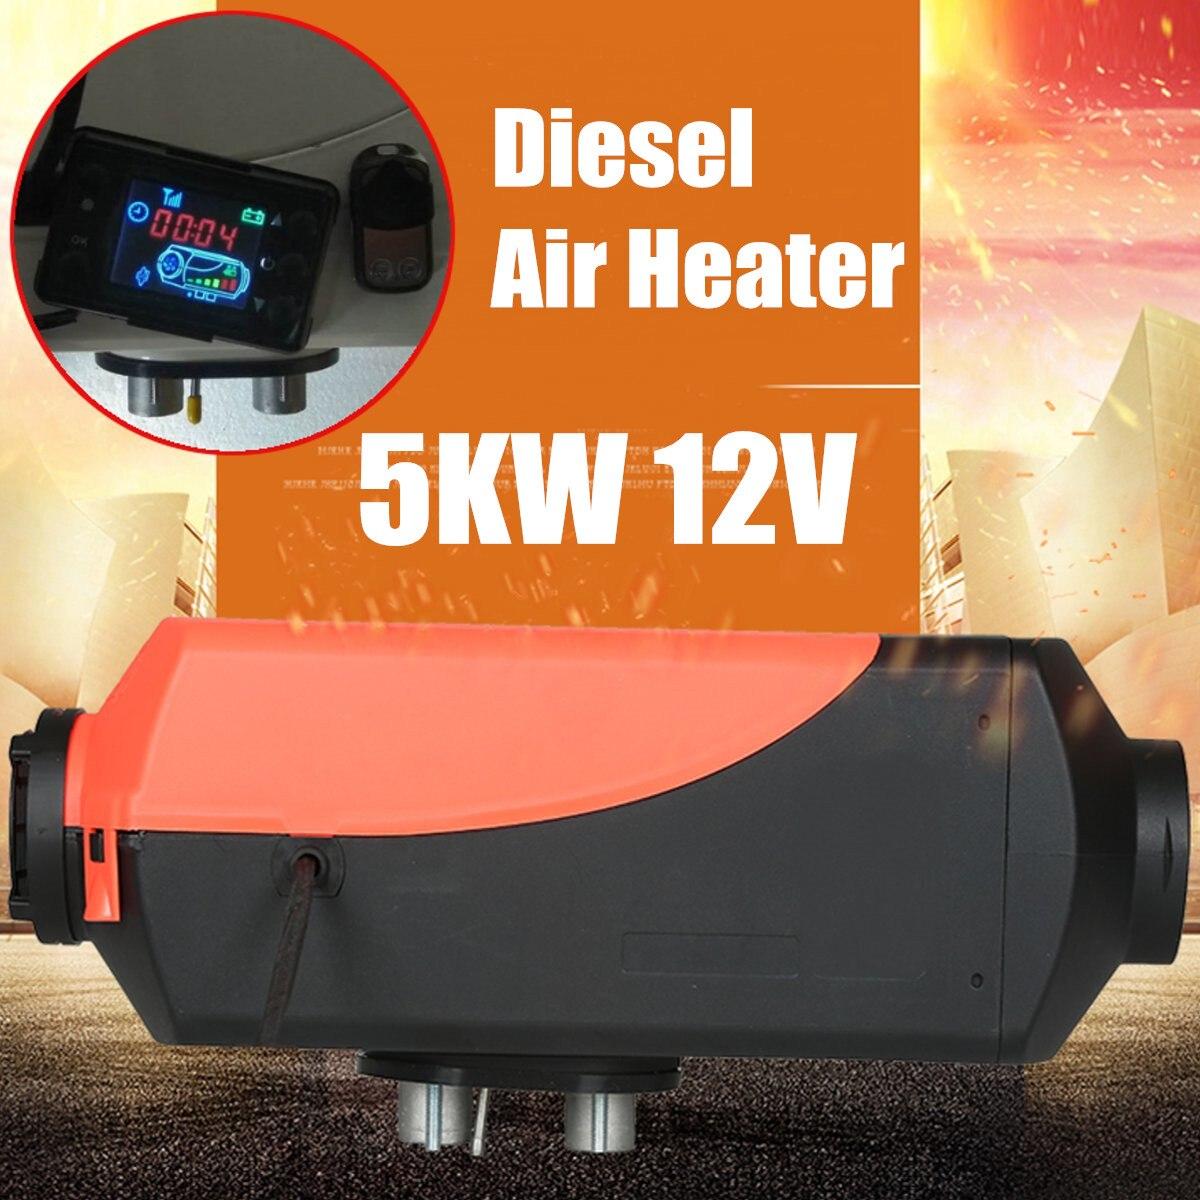 5kw 12 В Дизельный Нагреватель ЖК-переключатель дистанционного Управление комплект для плоских автомобиль грузовик автобус